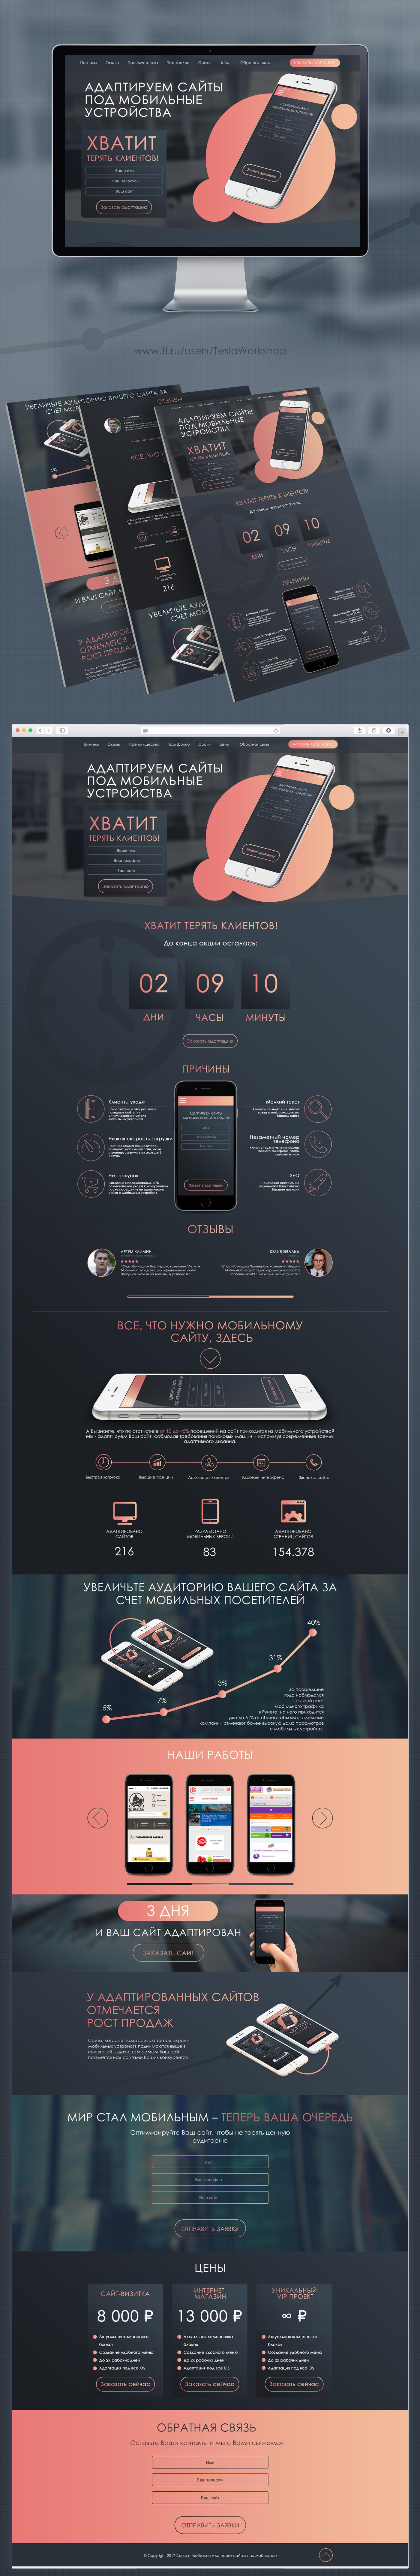 Дизайн сайта - Адаптация